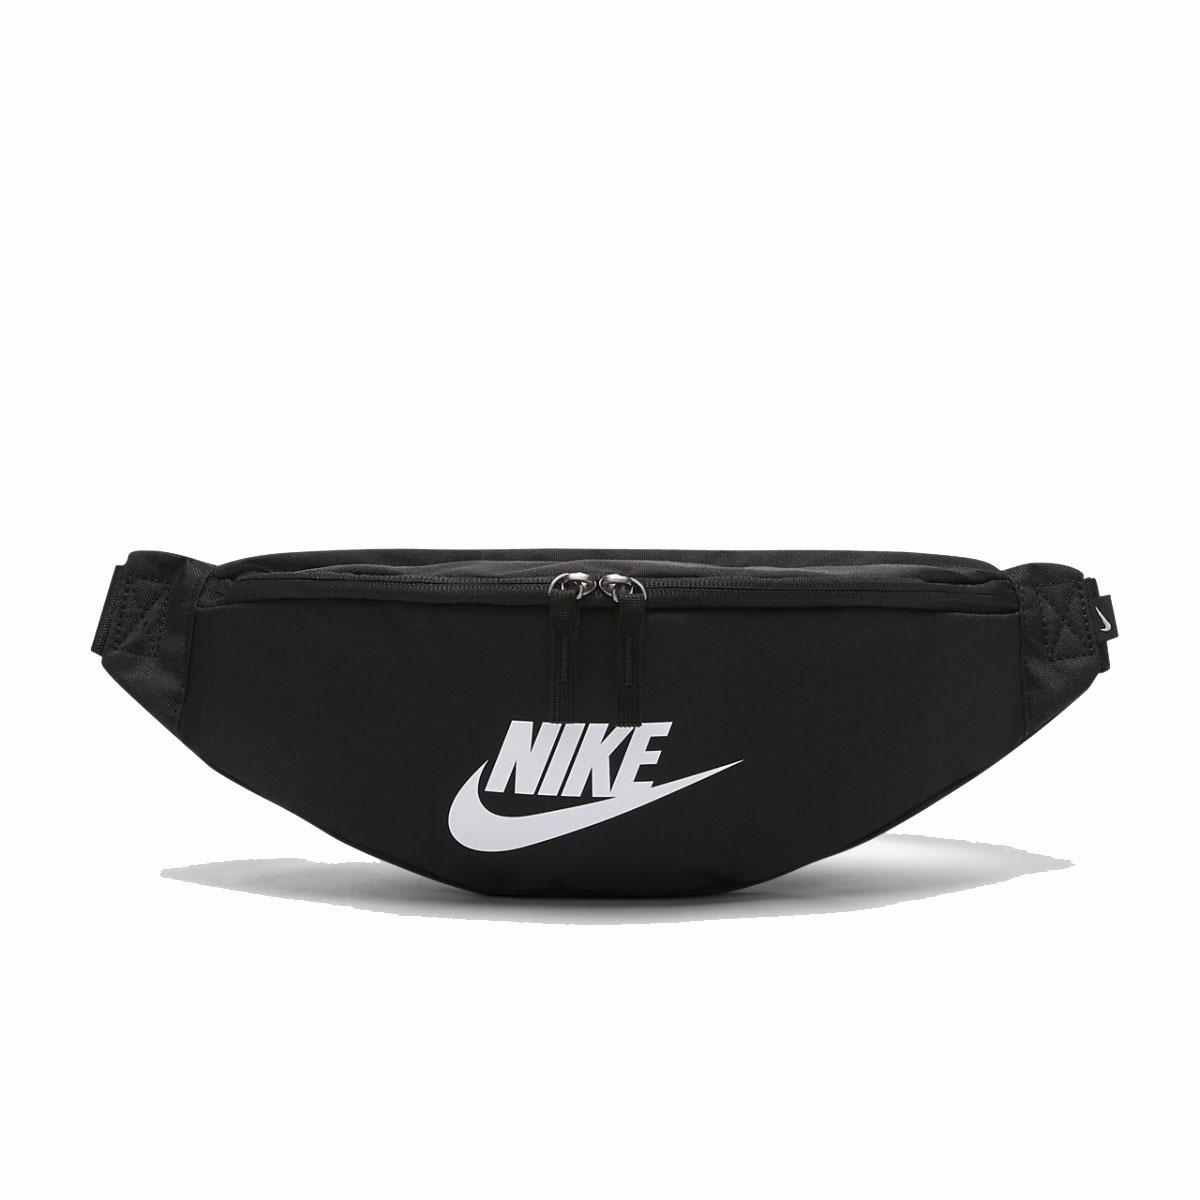 Nike Heritage Heuptas - Heuptasje - Tassen - Accessoires ...